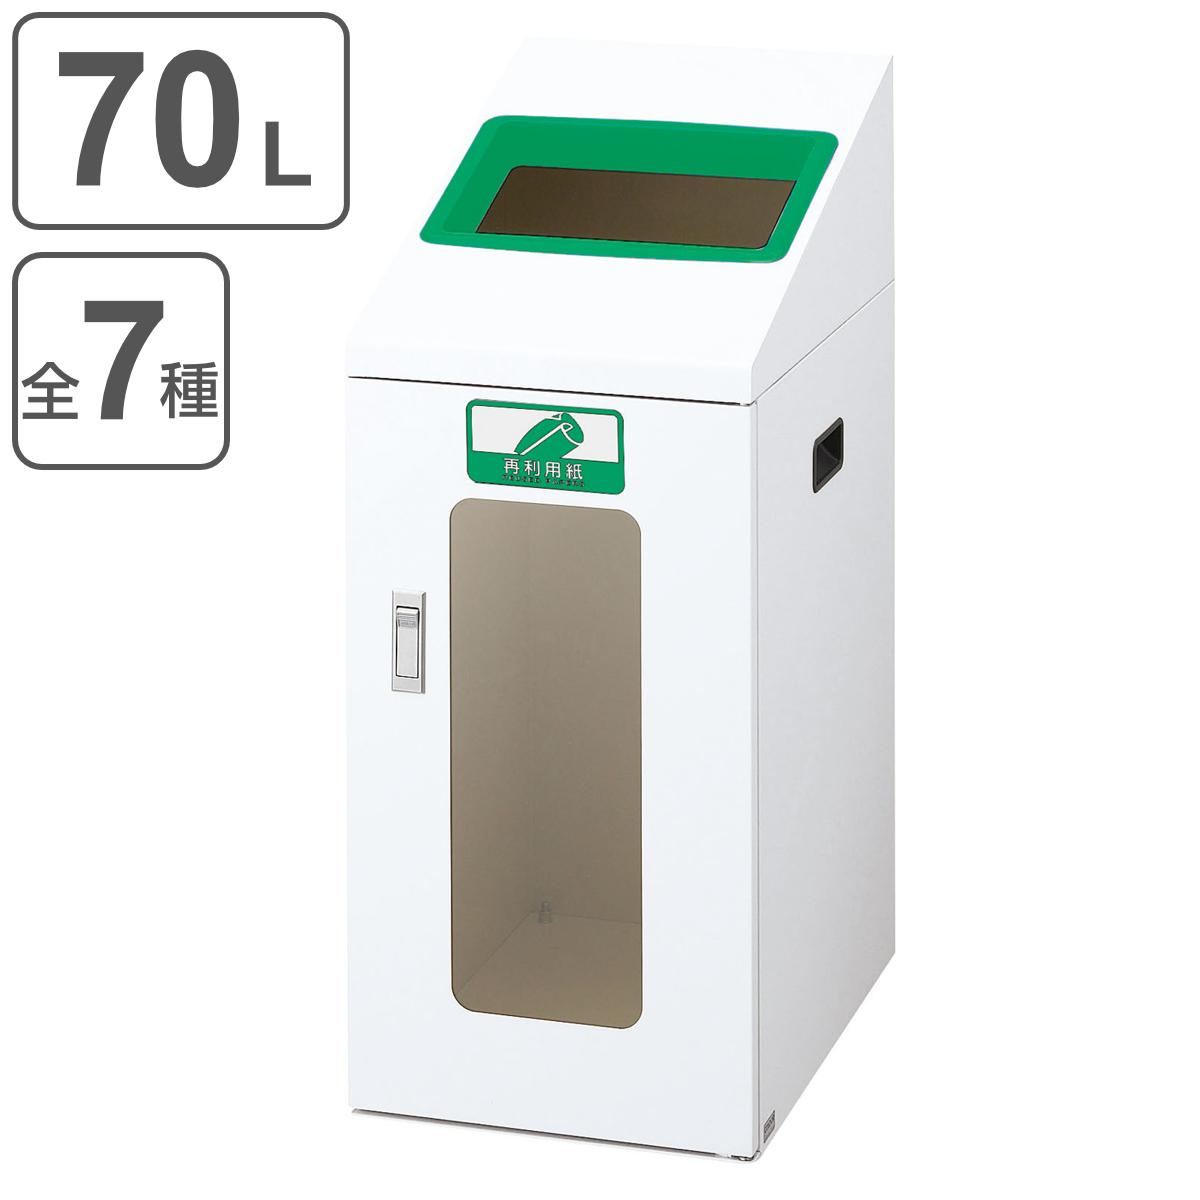 新品登場 分別ゴミ箱 屋内用 ) リサイクルボックス TIS-50 ( 送料無料 ダストボックス 屑入れ 業務用 ダストボックス 分別ゴミ箱 ), むせんや:c5bae6e0 --- canoncity.azurewebsites.net